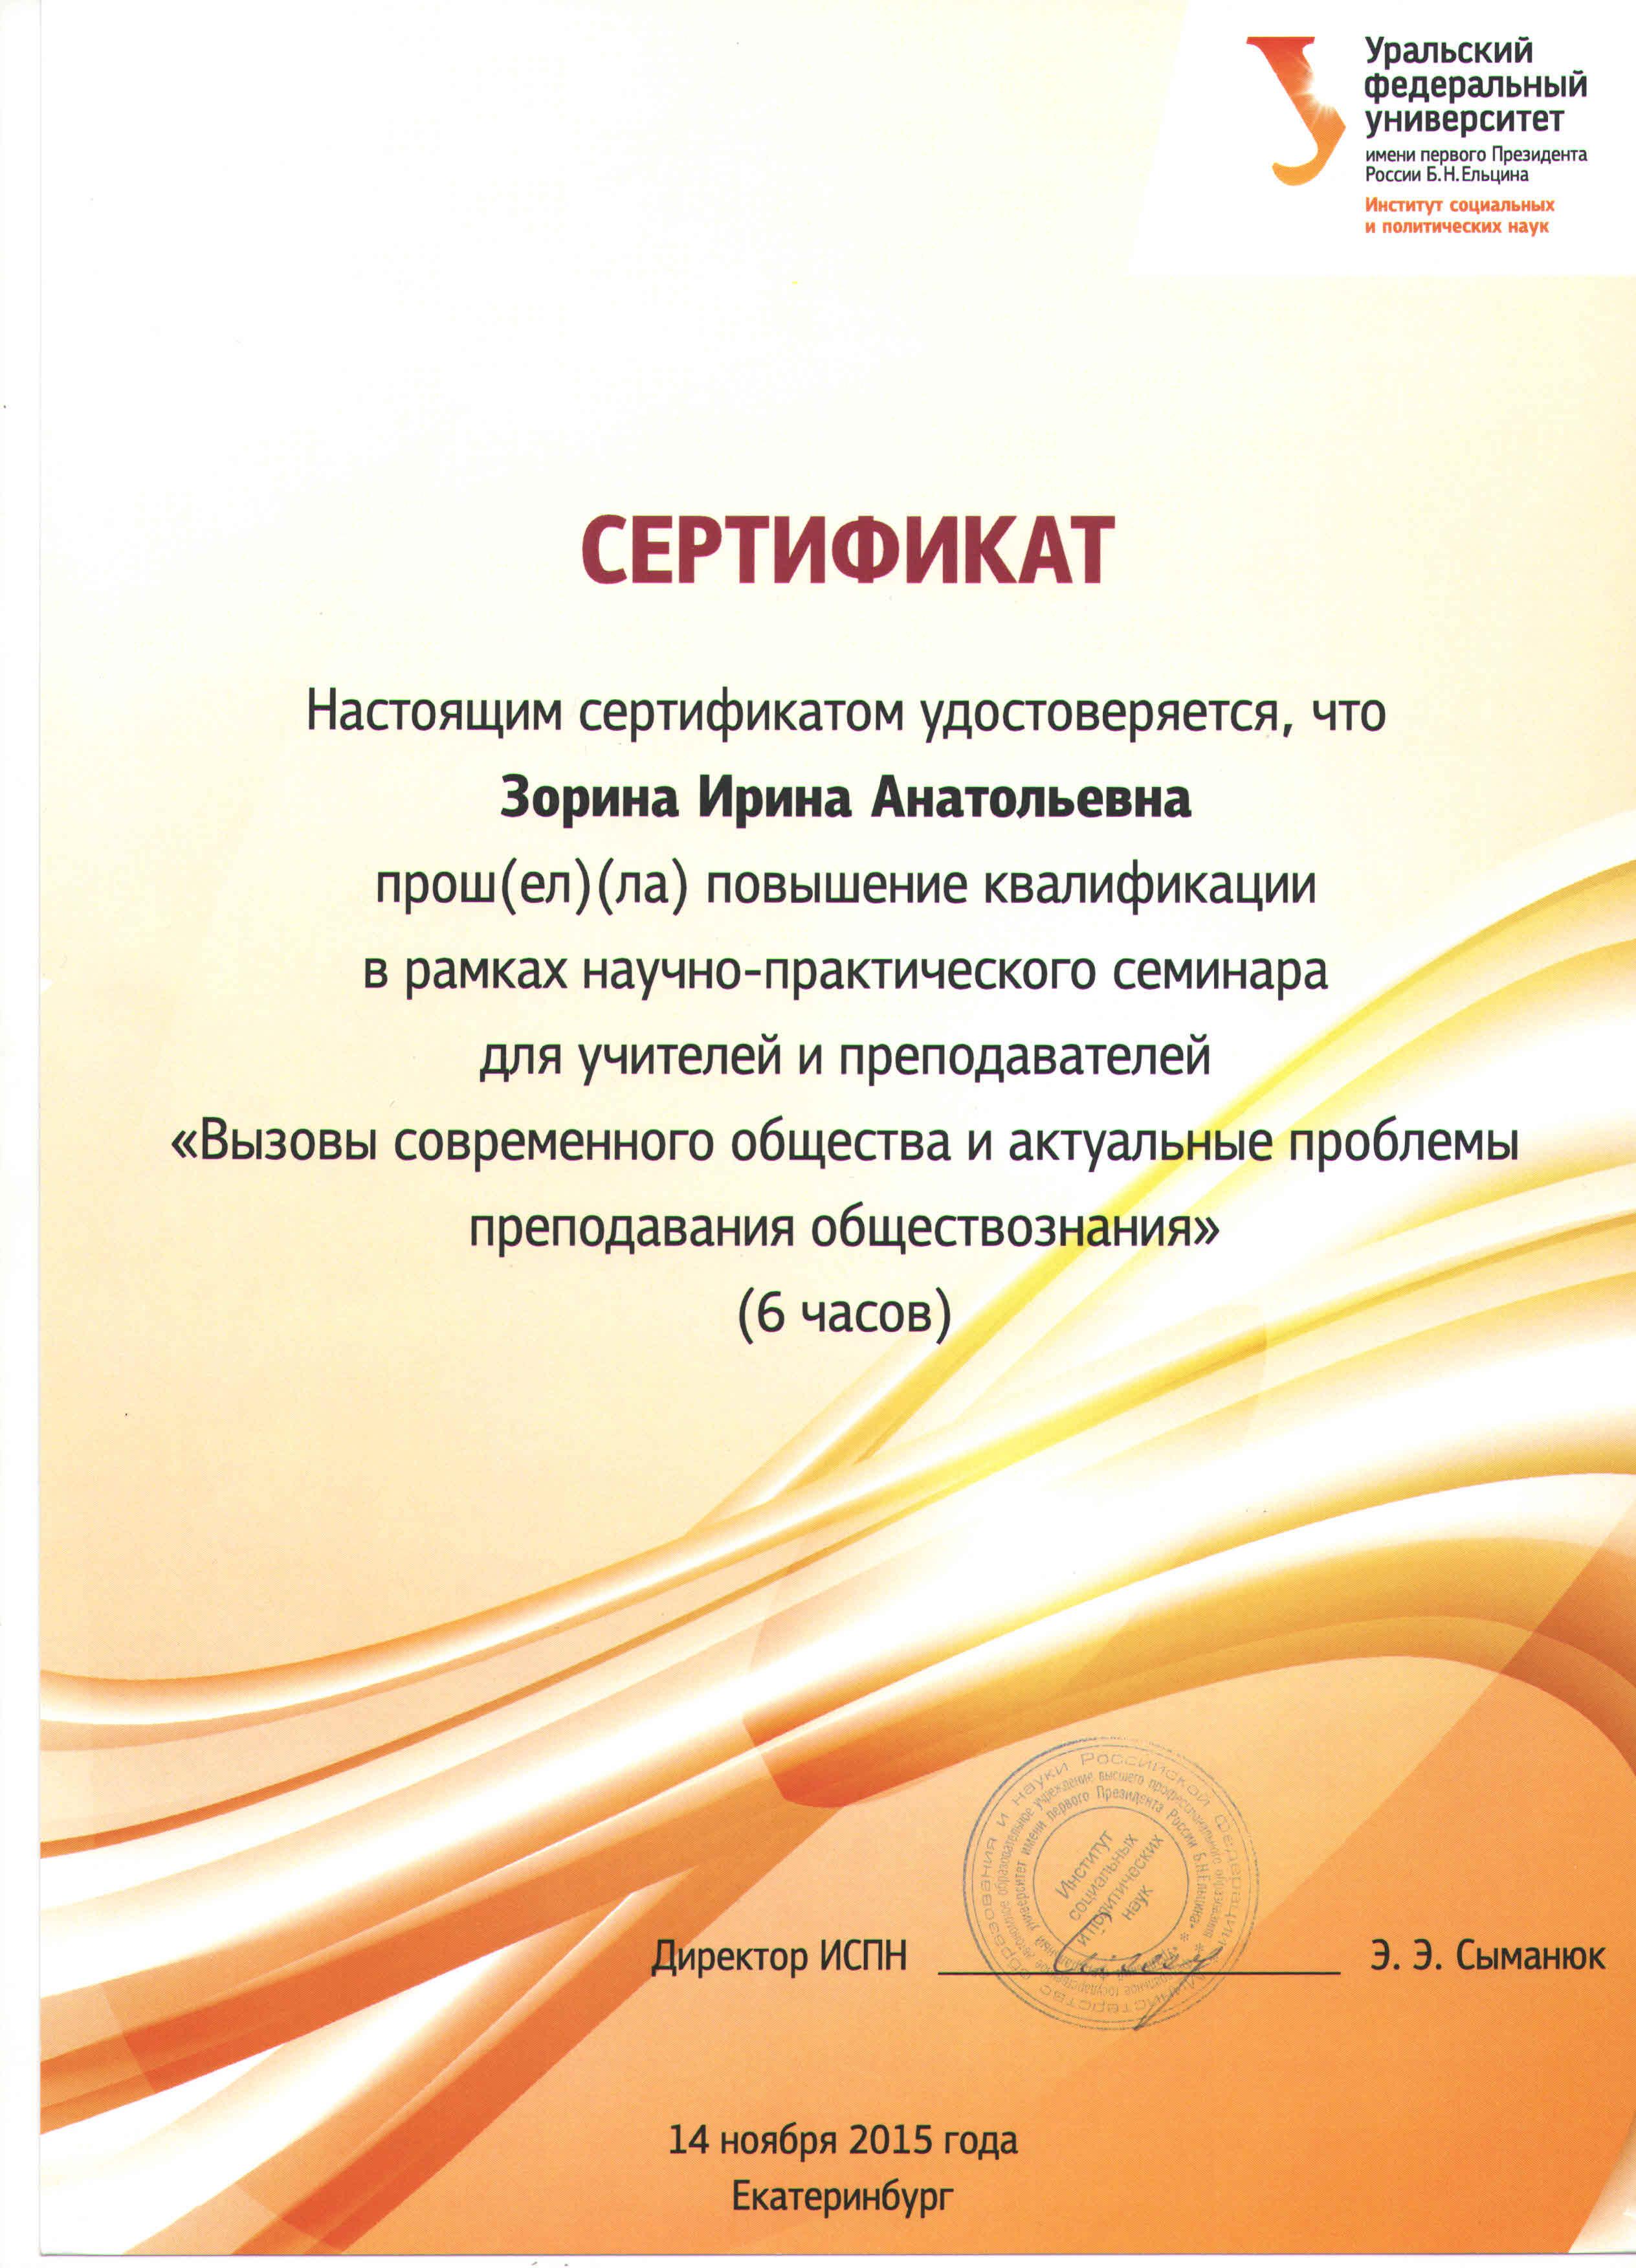 НПК по обществознанию УрФУ